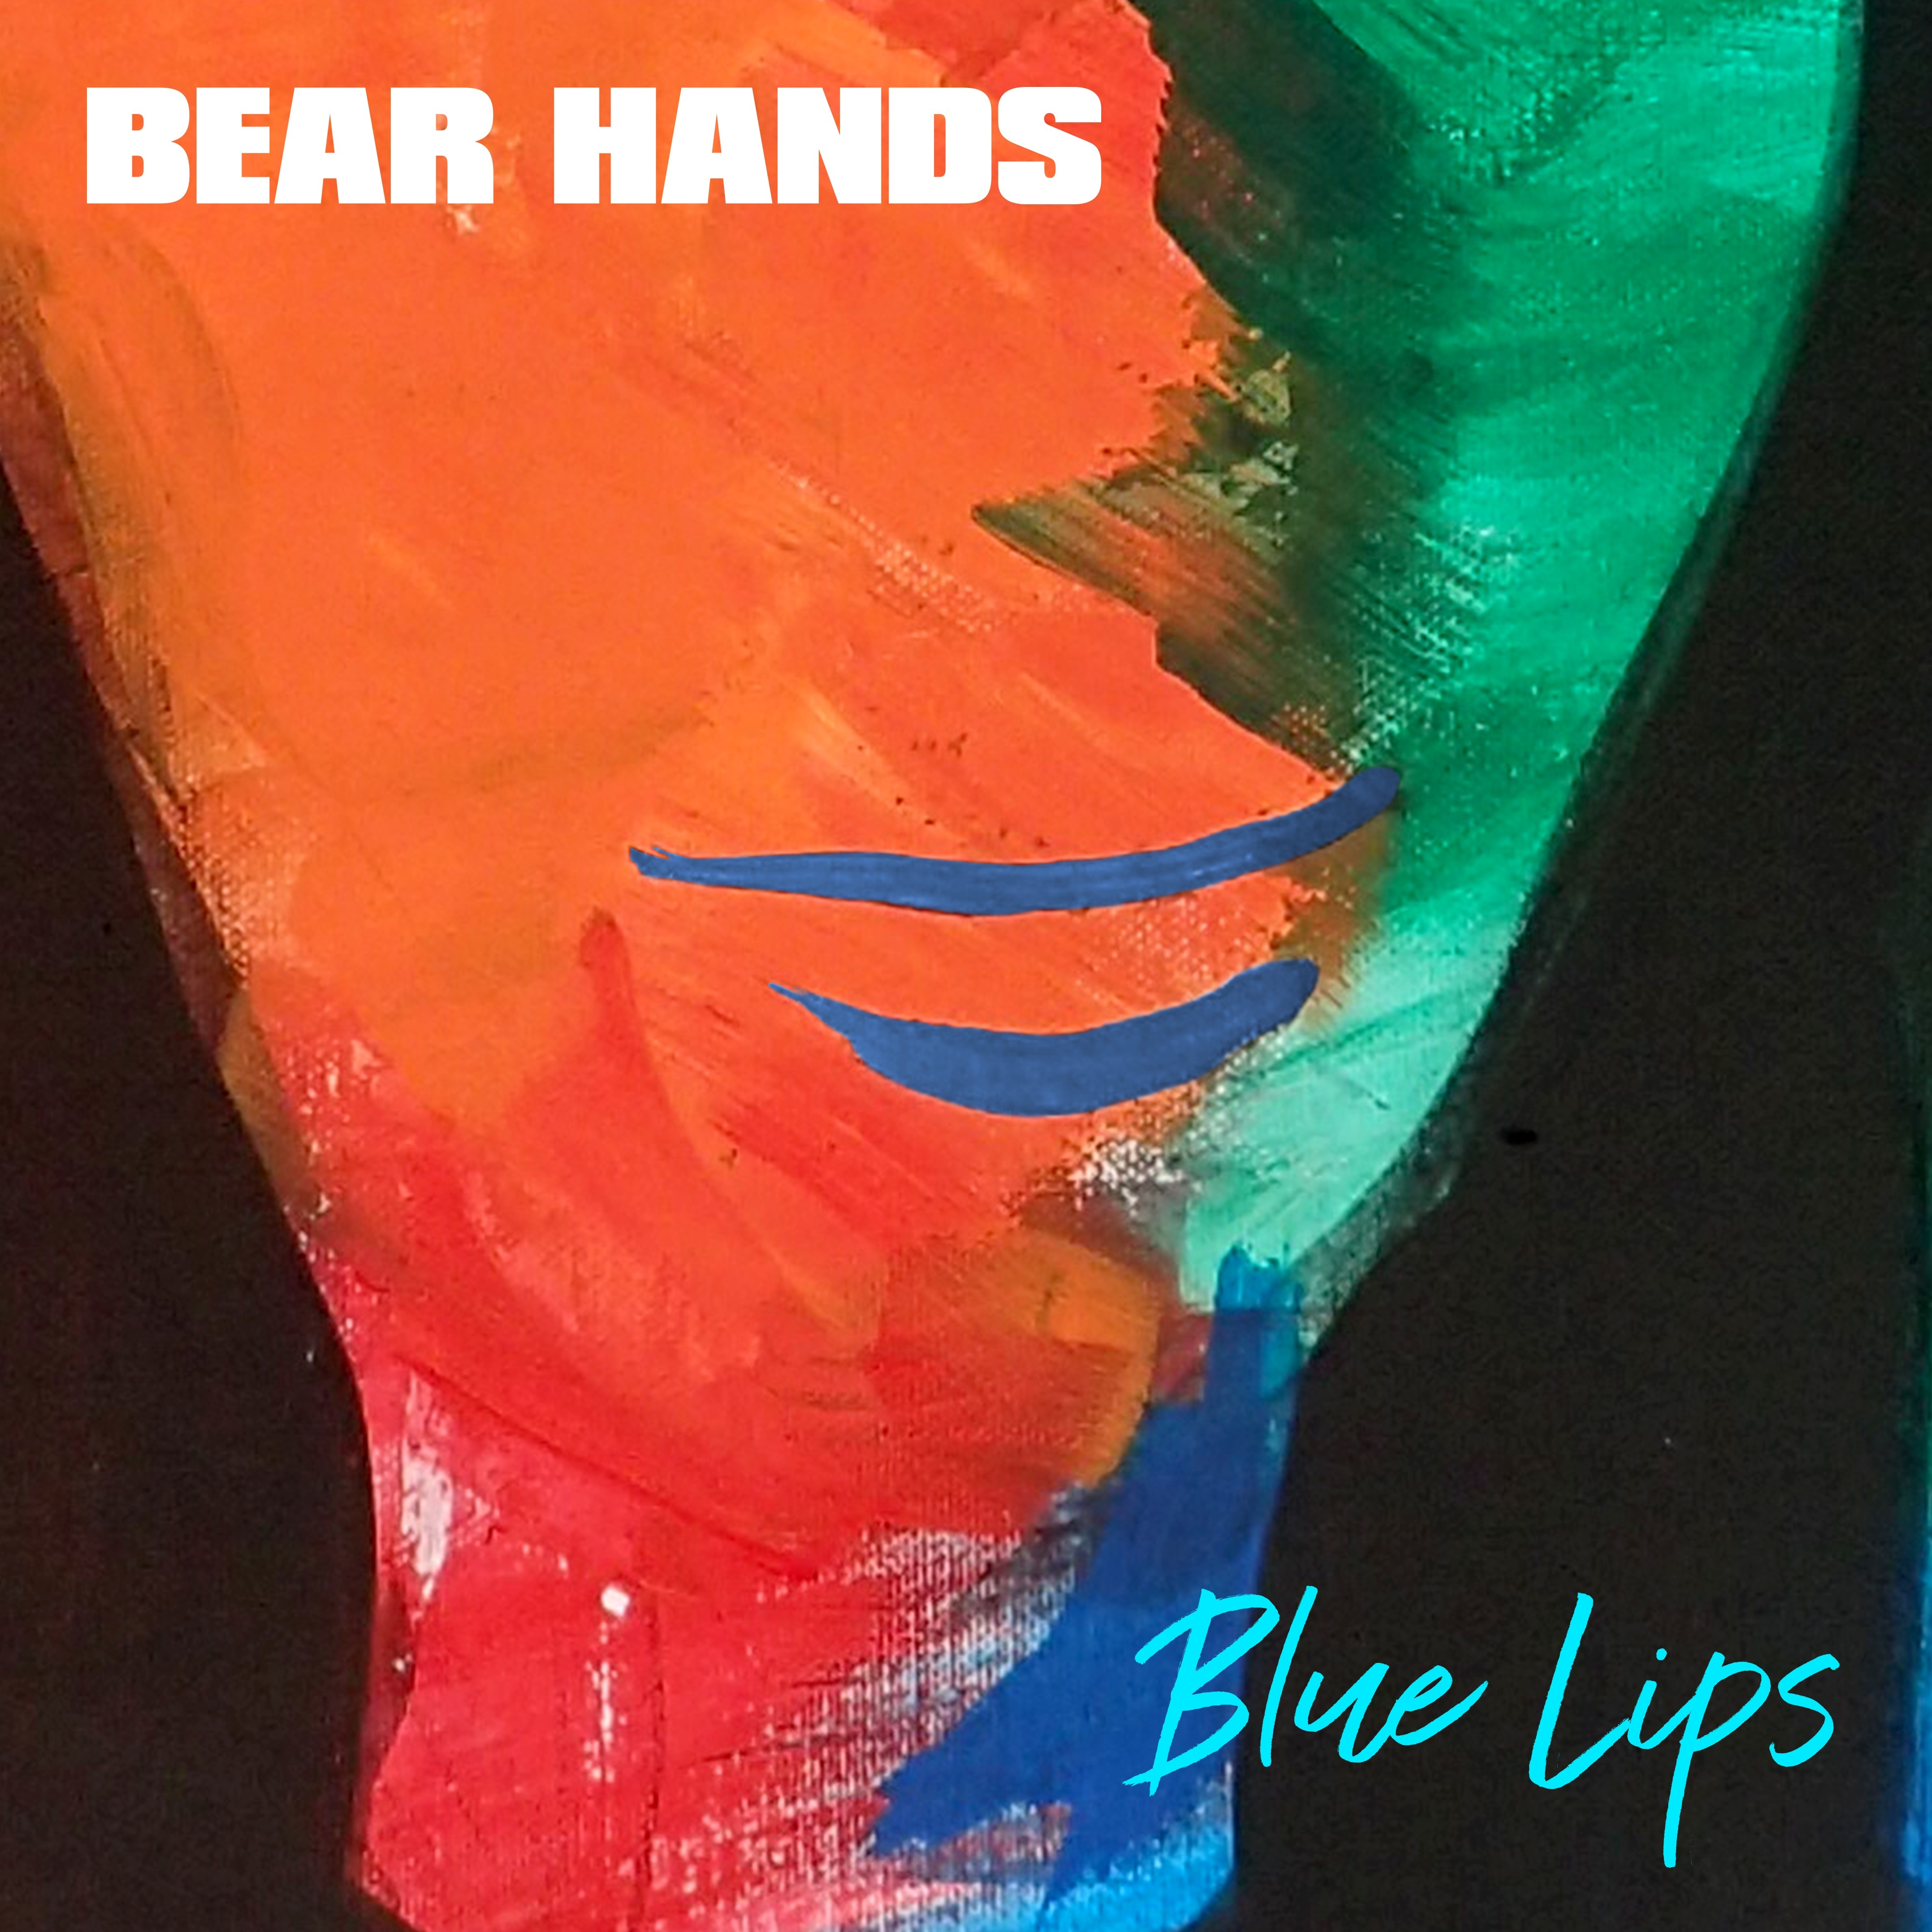 Bear Hands - Blue Lips (feat. Ursula Rose)